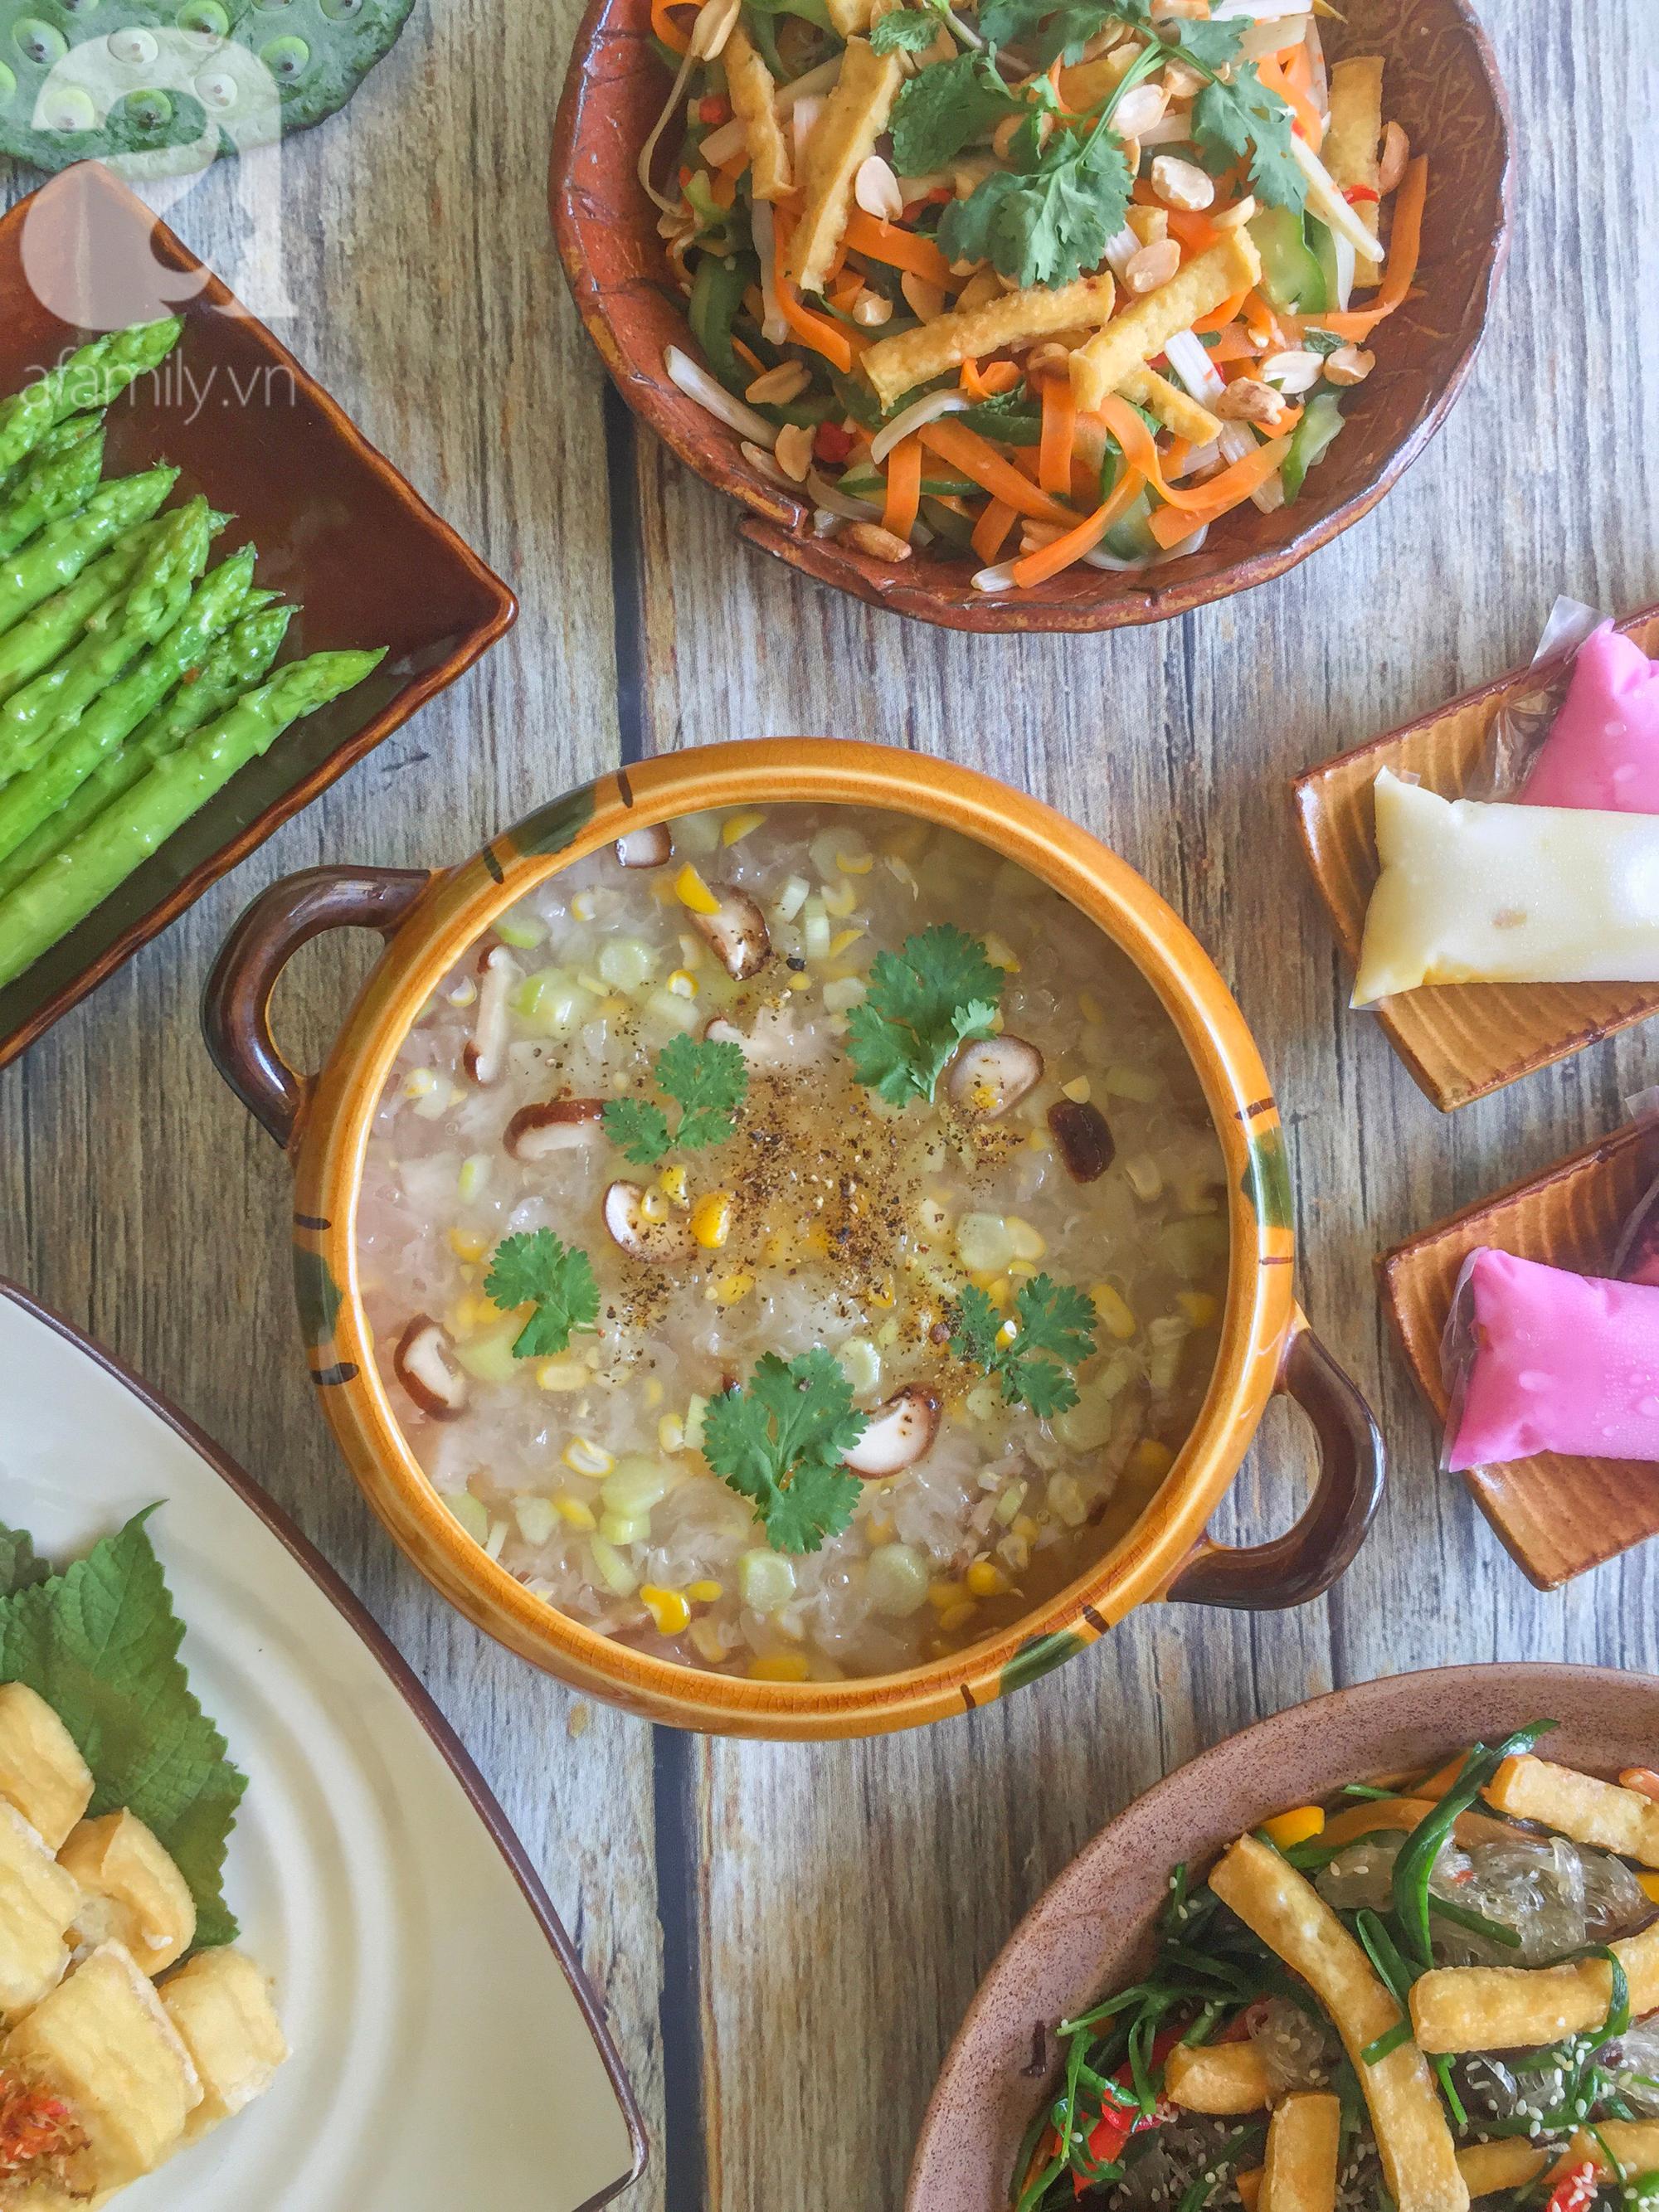 Tháng Vu Lan sắp về, mẹ đảm Sài Gòn chia sẻ mâm cơm chay 9 món đẳng cấp nhà hàng, chỉ nhìn thôi đã thấy quá hấp dẫn! - Ảnh 2.